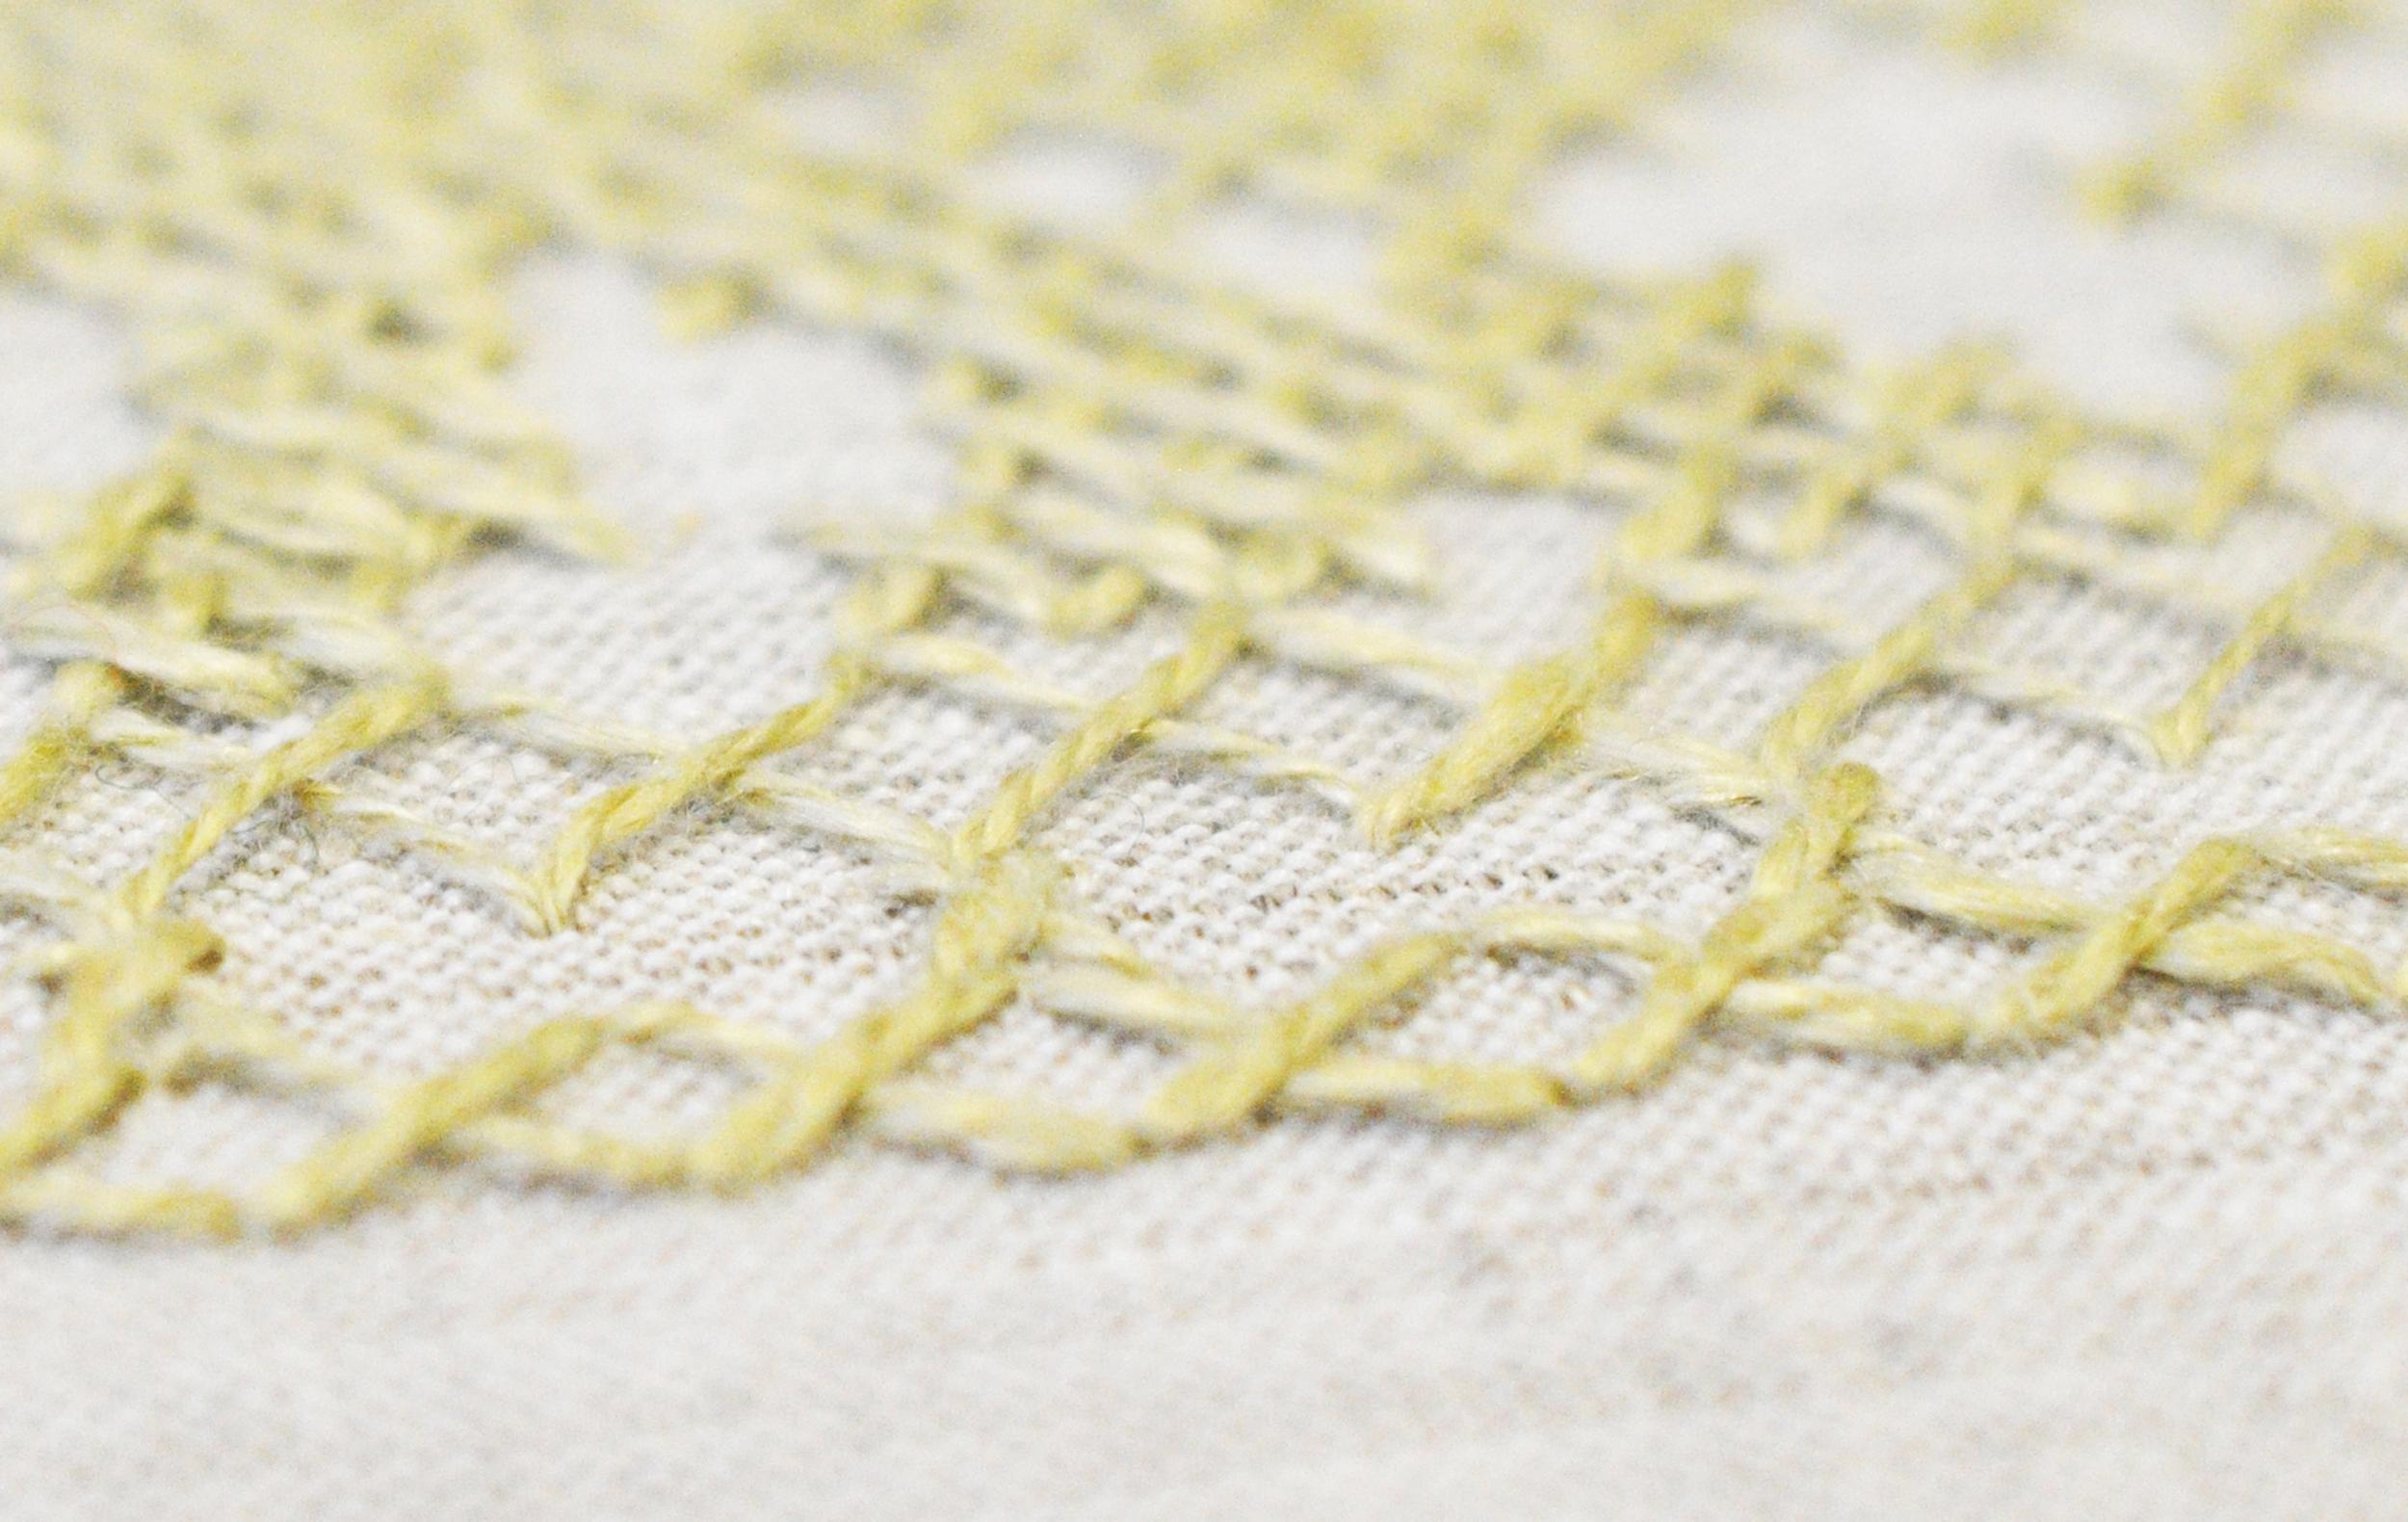 Manfred_Naescher__Edition_Ferdinand_Nigg_mit_den_Tieren_2015_Detail_Embroidery_on_Cover.jpg